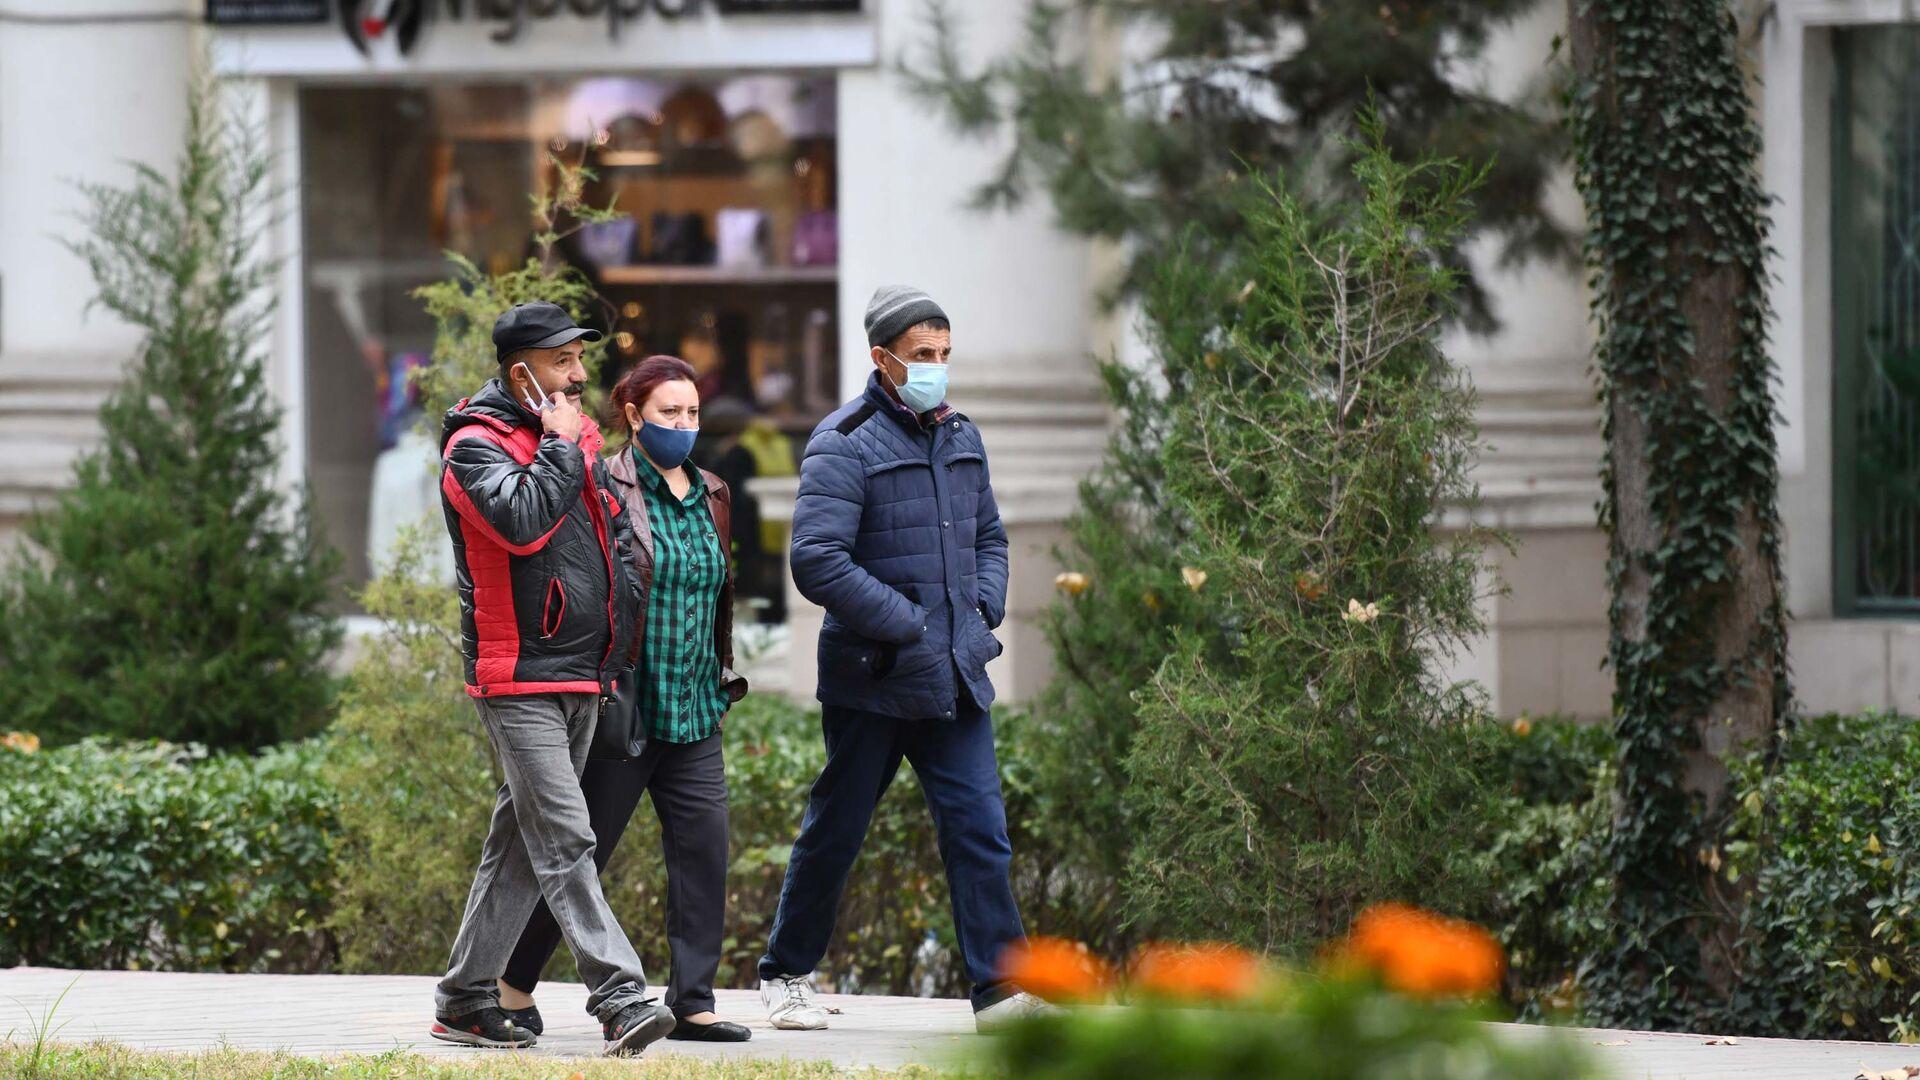 Жители Душанбе на улице в масках - Sputnik Таджикистан, 1920, 03.09.2021